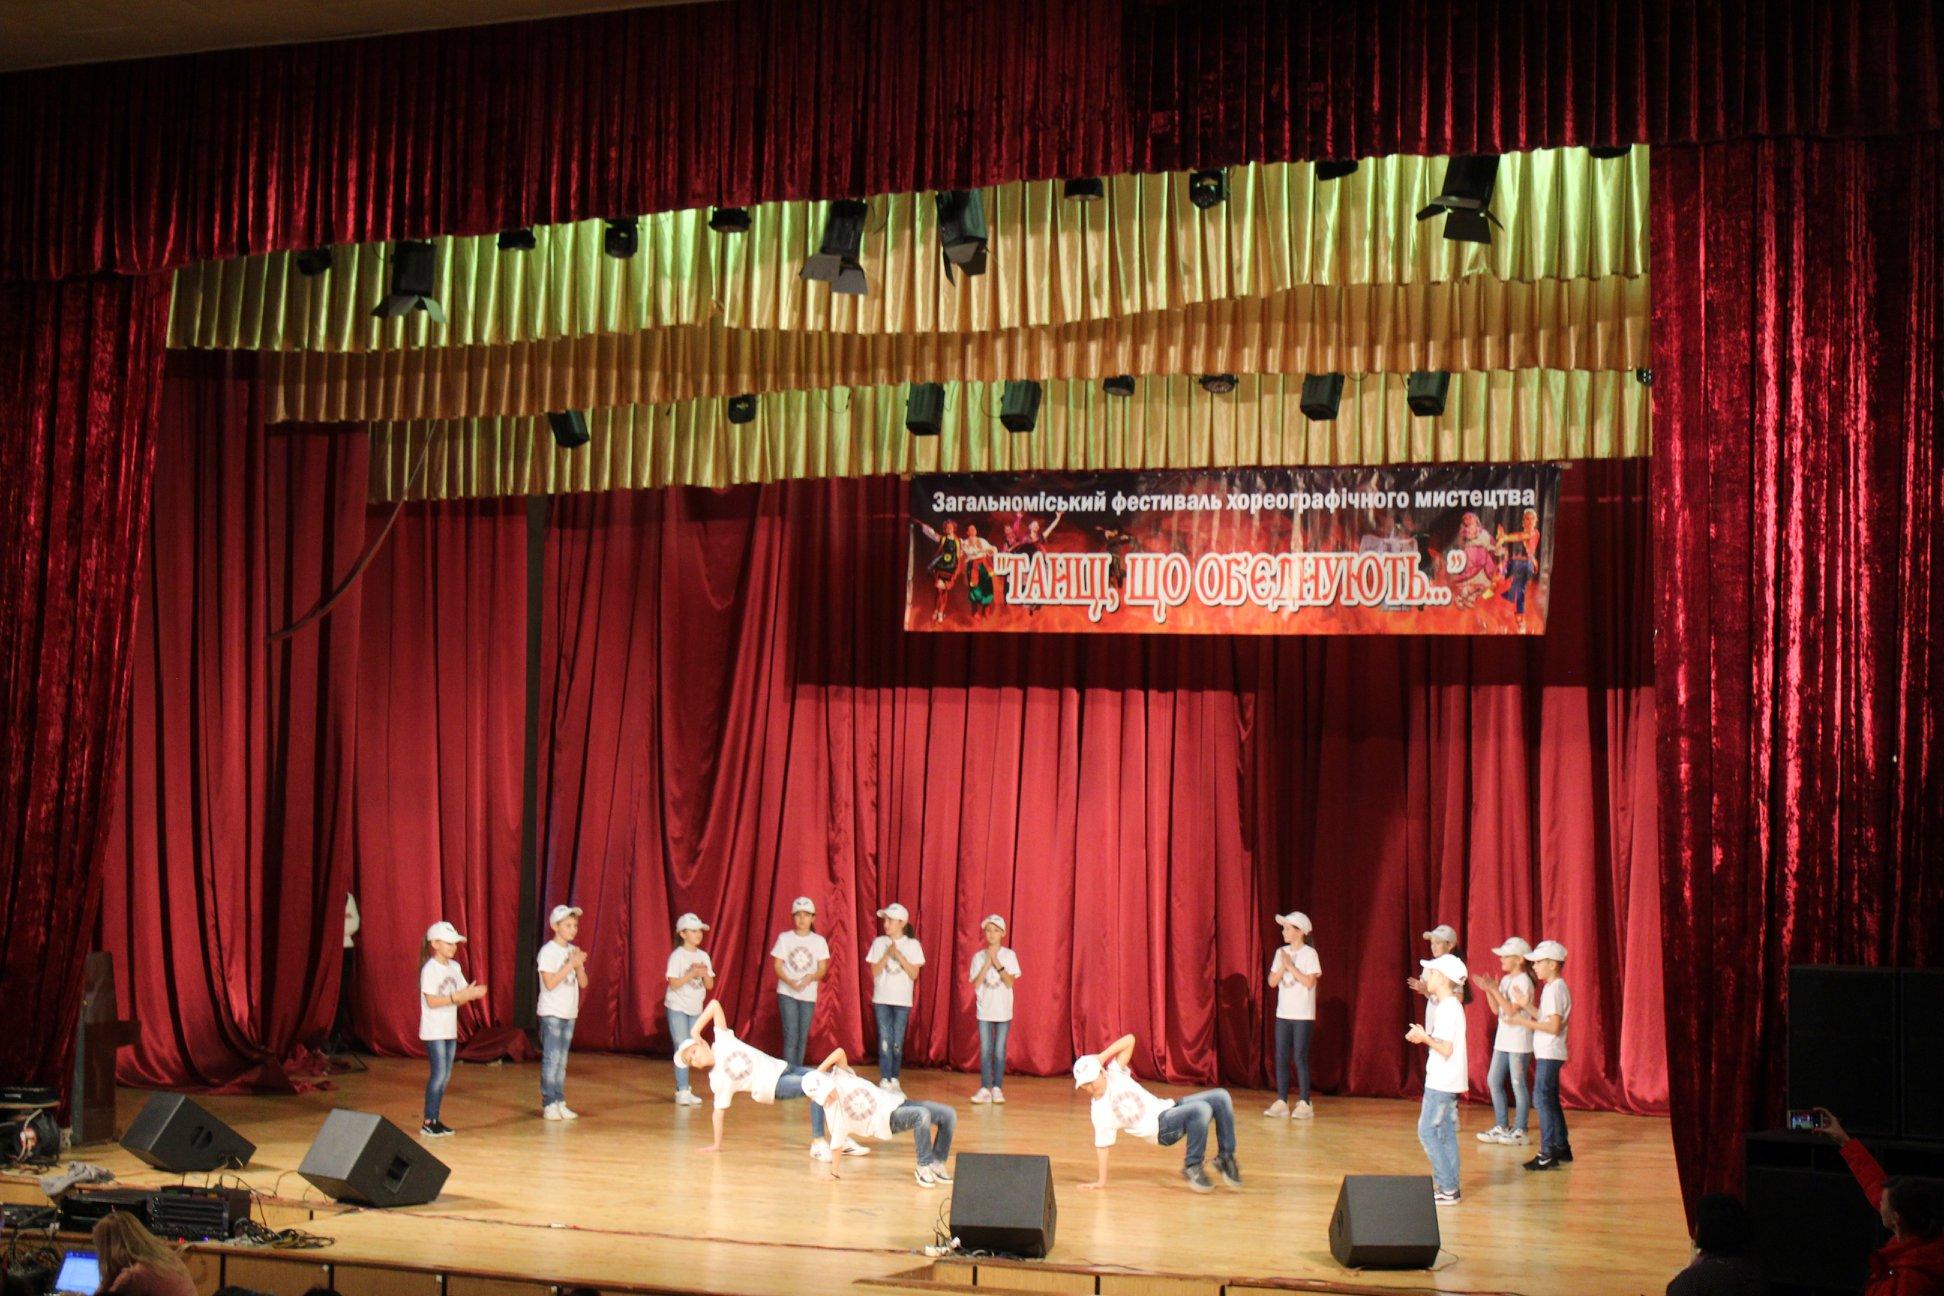 """Франківські школярі показали """"Танці народів світу"""" 4"""